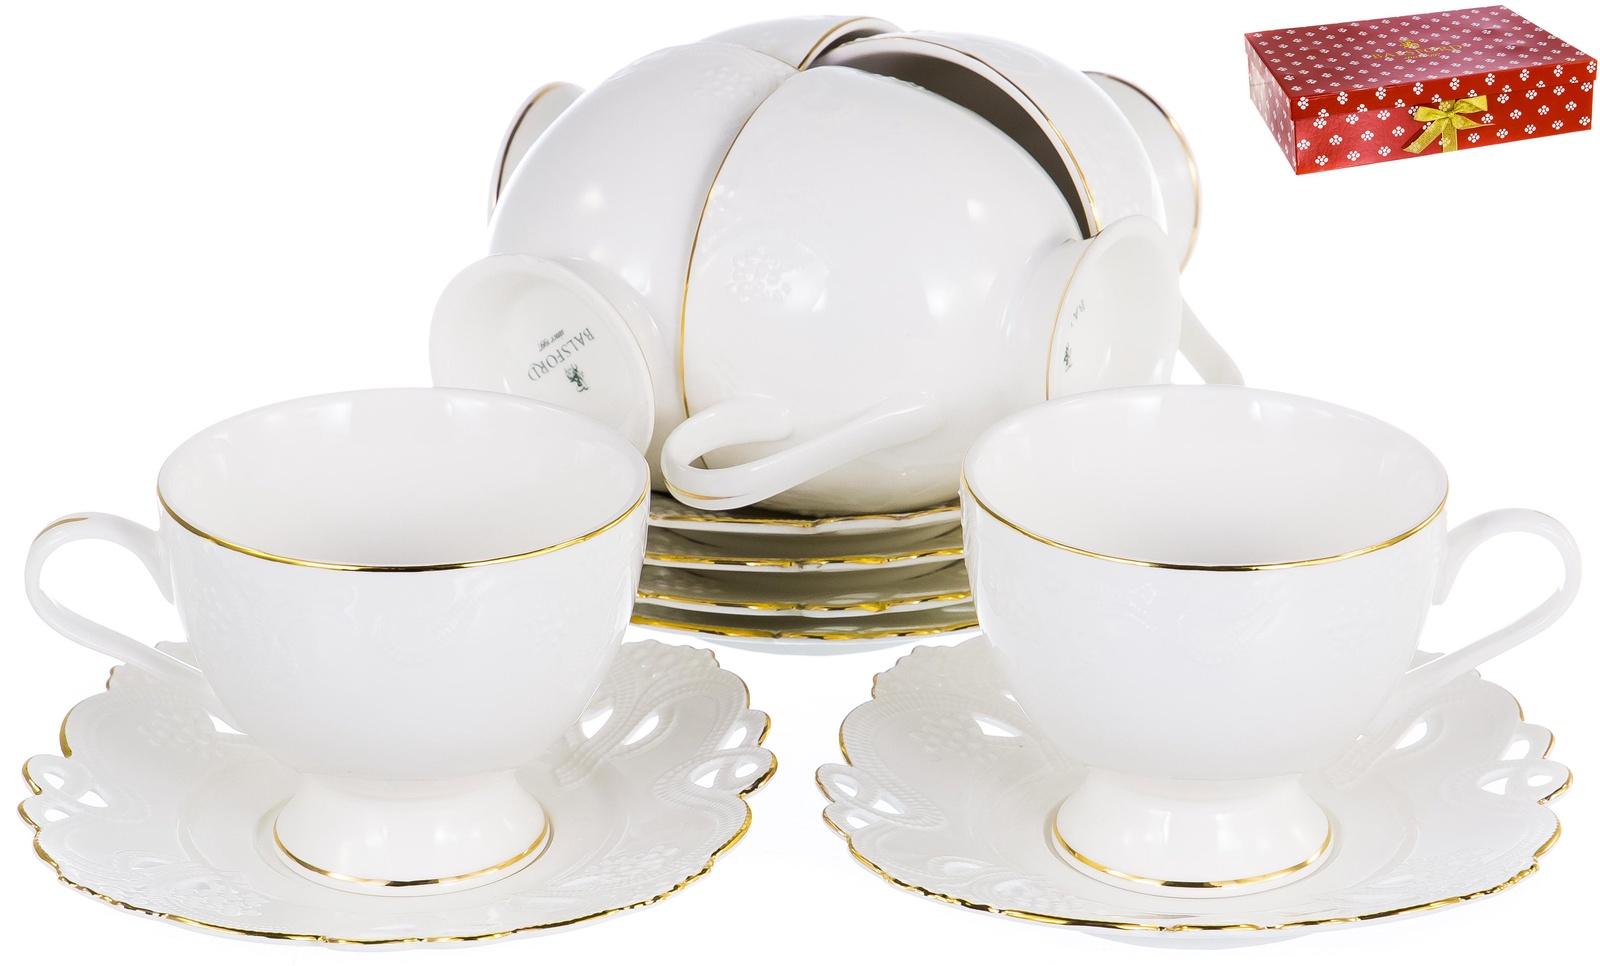 ГРАЦИЯ, набор чайный, 6 чашек 220мл, 6 блюдец, NEW BONE CHINA, белый рельефный рисунок с золотом, прямоугольная подарочная упаковка с окном и бантом, ТМ Balsford, артикул 101-30045